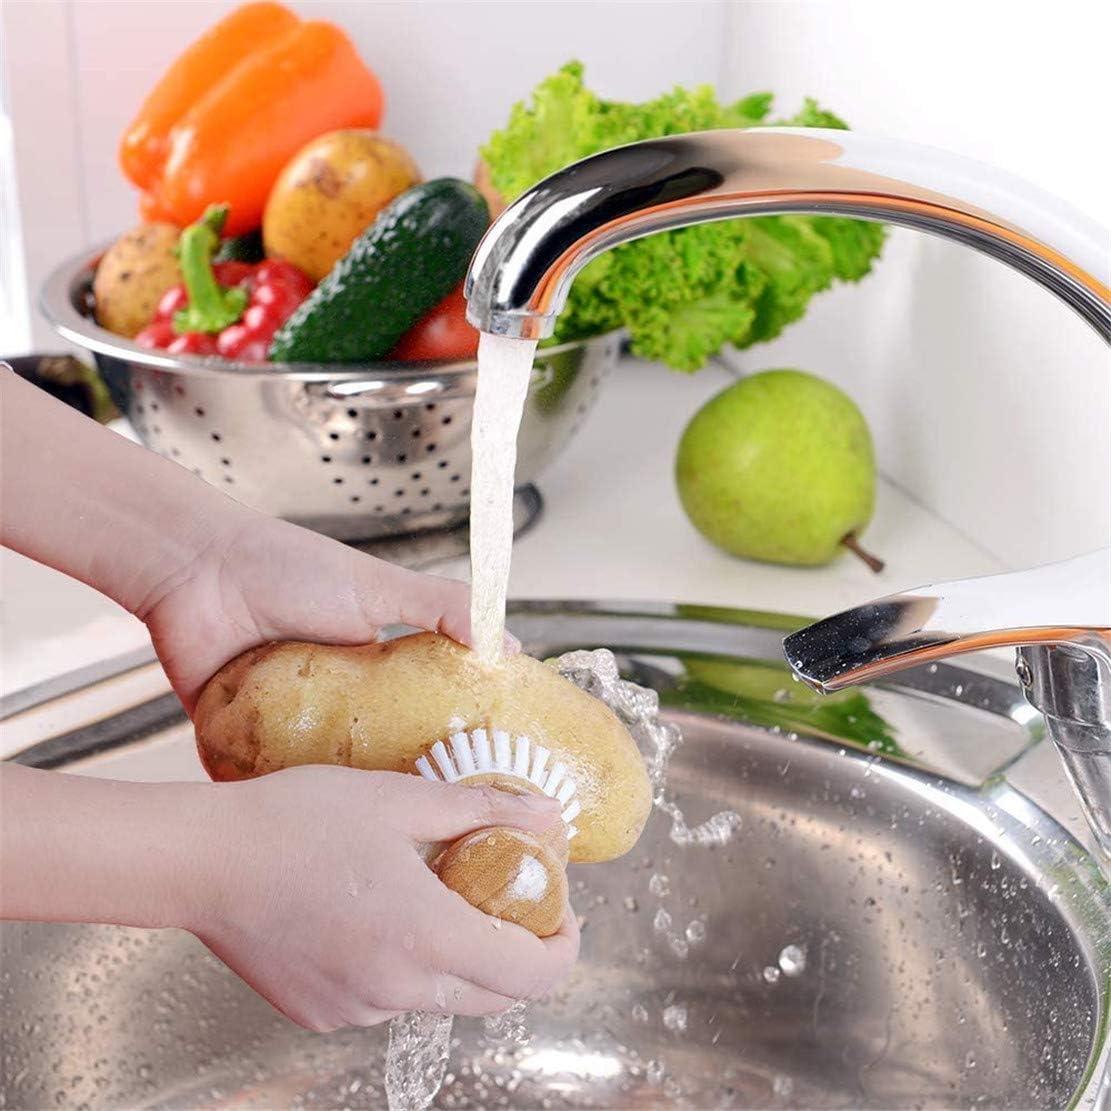 in bamb/ù per padelle in ghisa Spazzola per piatti pulizia della casa 2 pezzi lavello da cucina con setole di cocco KY-Tech bagno